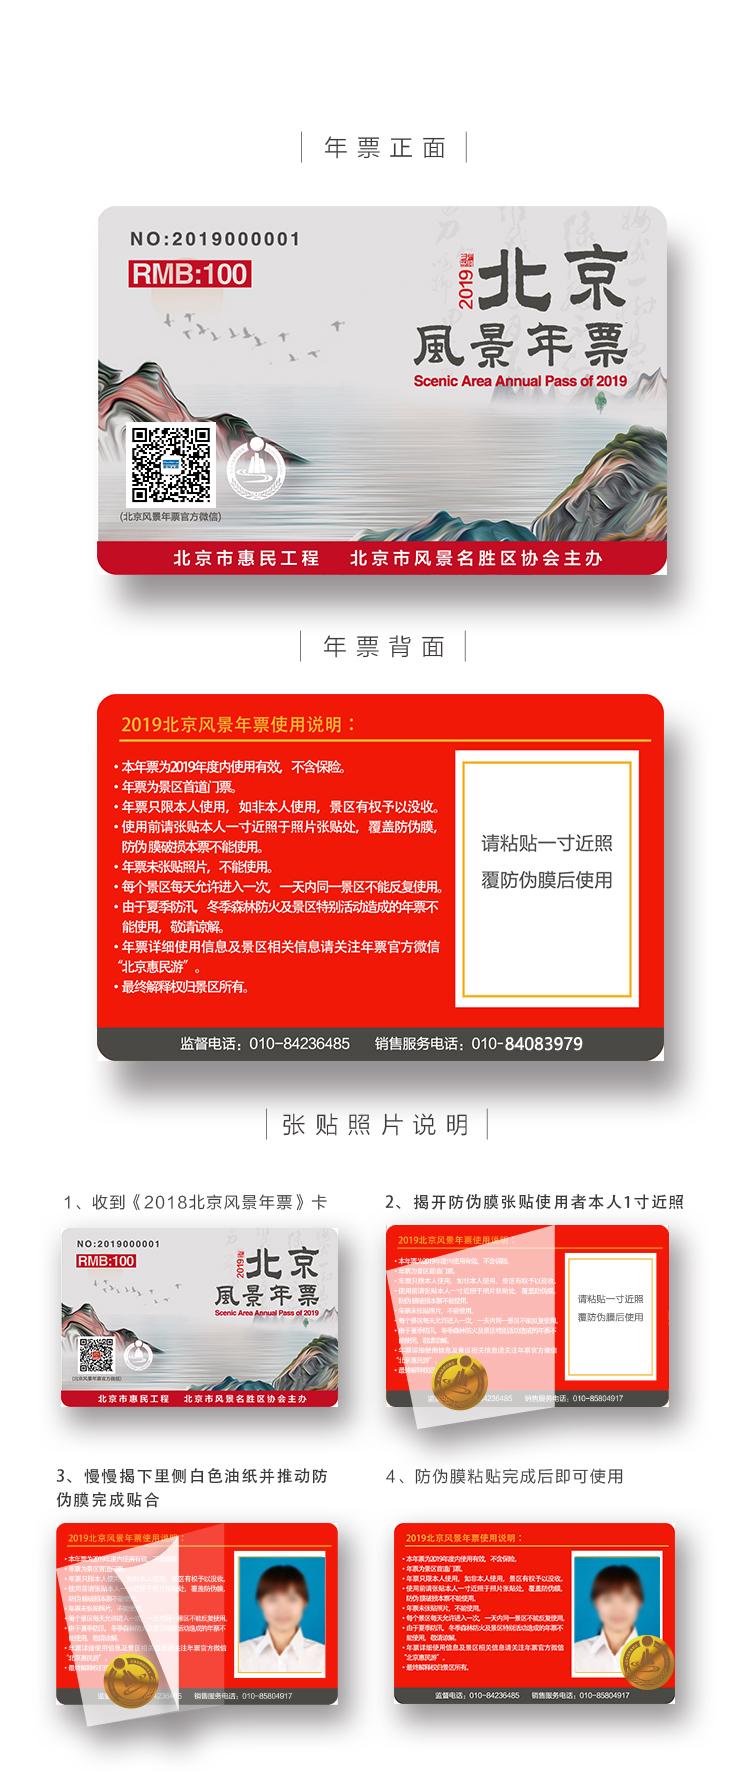 2019北京风景年票正面背面及张贴照片说明